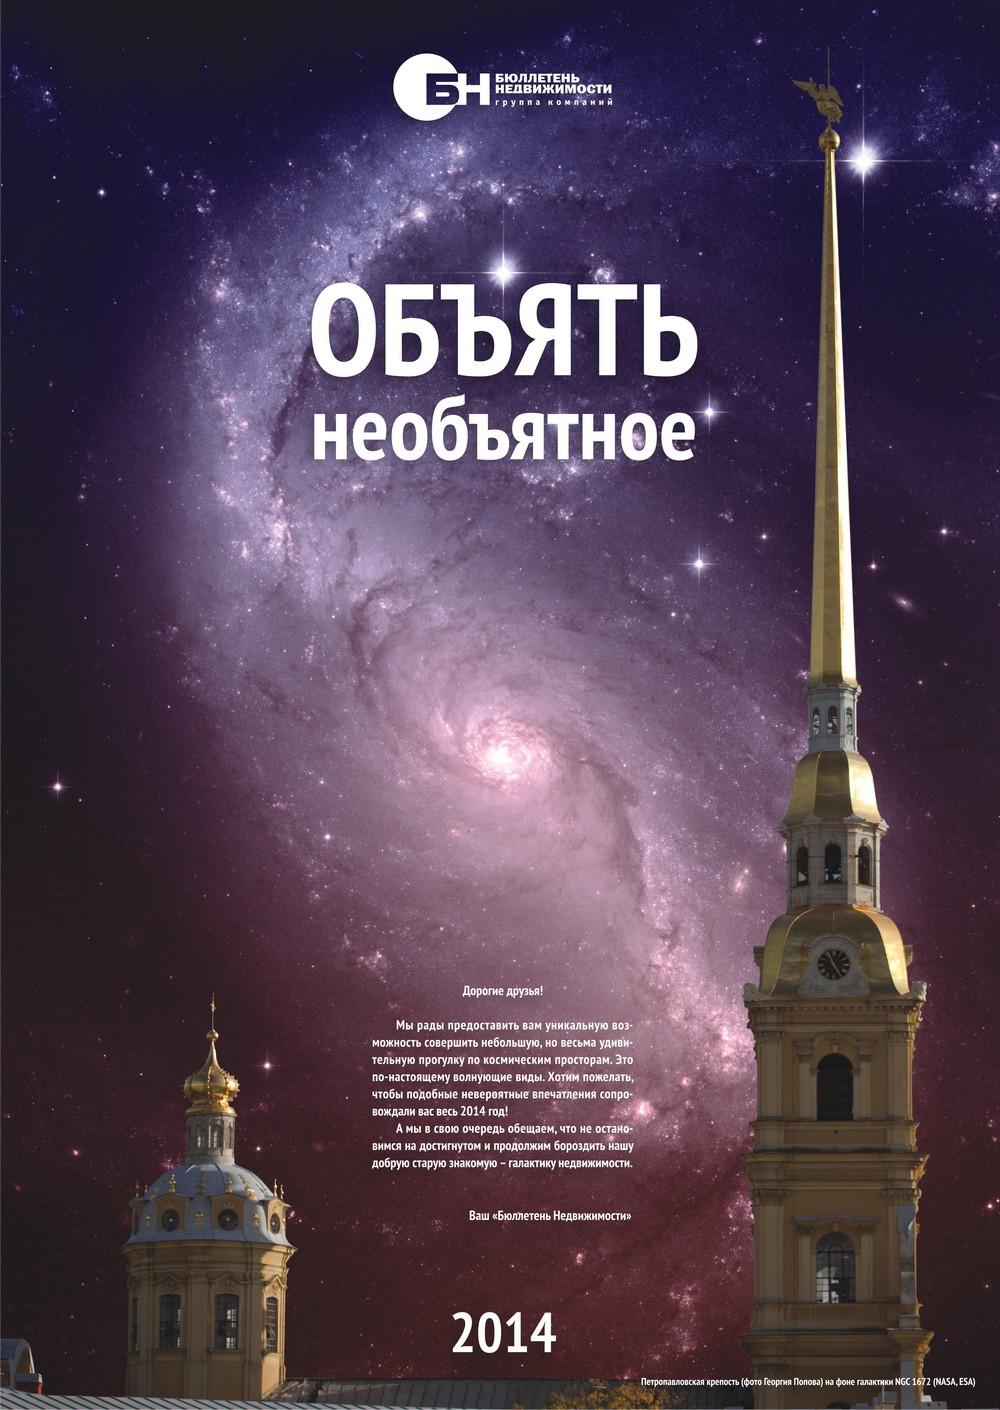 Обложка календаря Космос